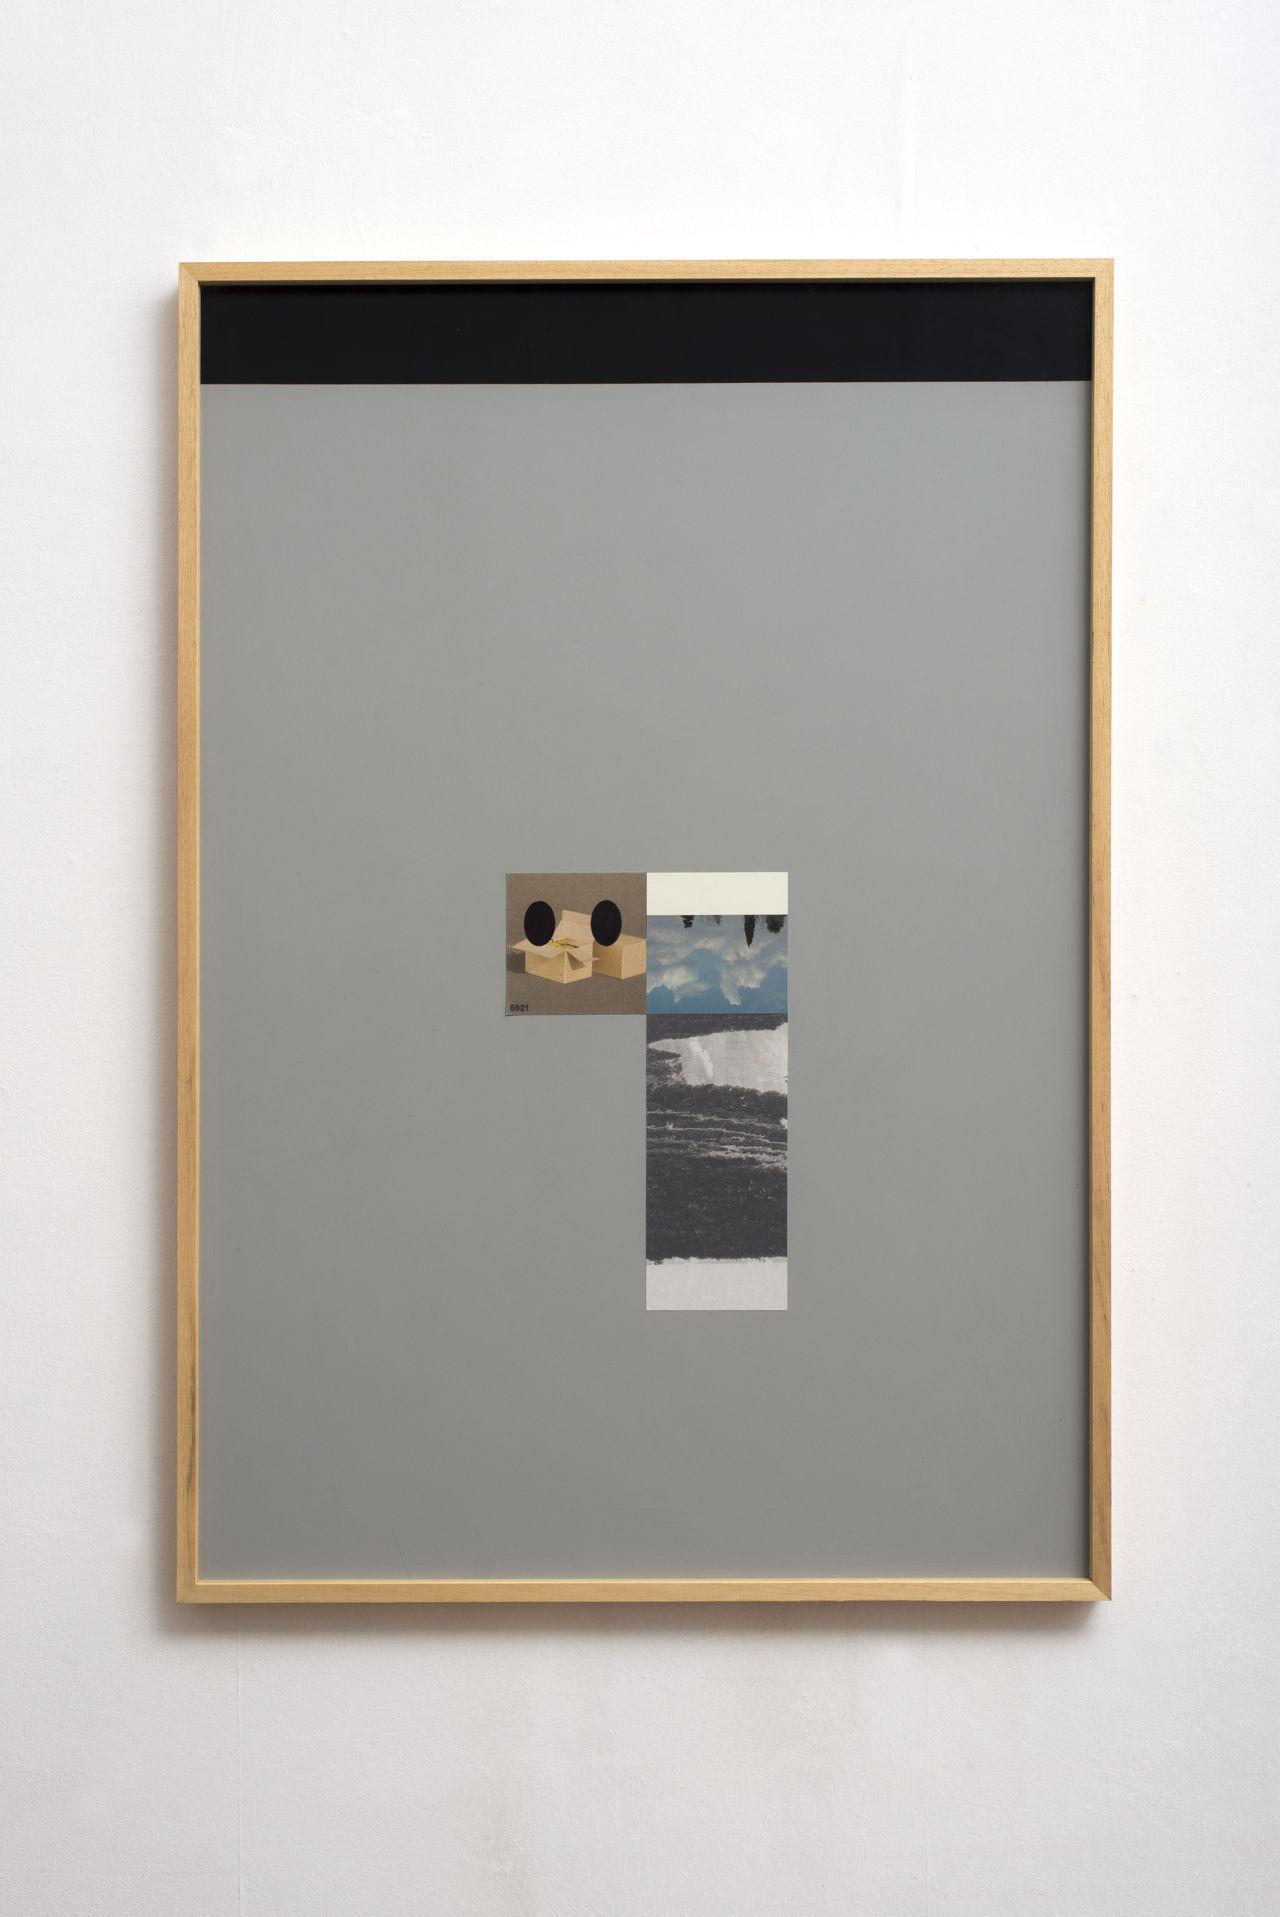 F. Pistillo, Fine del paesaggio, 2016. Stampe digitali ritoccate, applicate su pannello di mdf dipinto ad acrilico opaco, cornice di legno, 101 x 70 cm. ph. G. Benni – (Copia web)